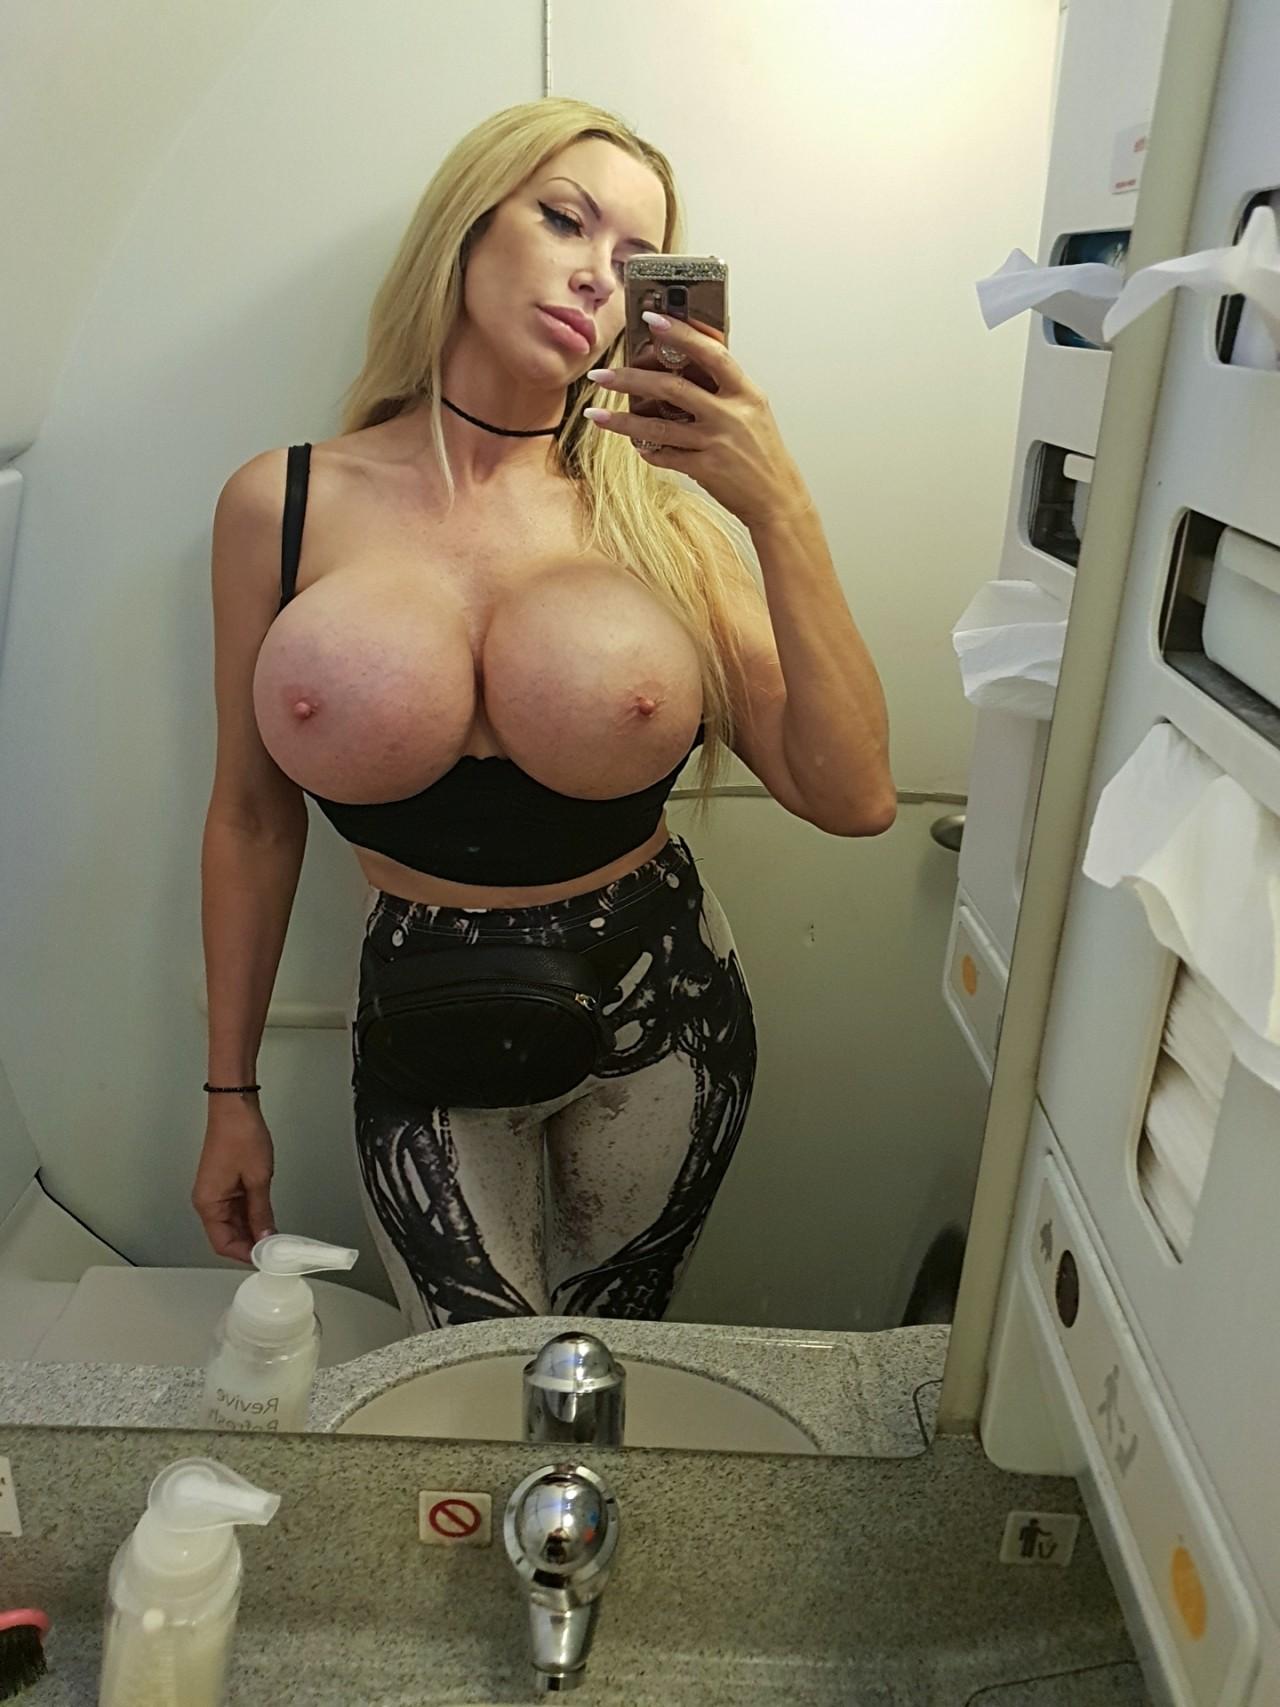 orgasm jpg image